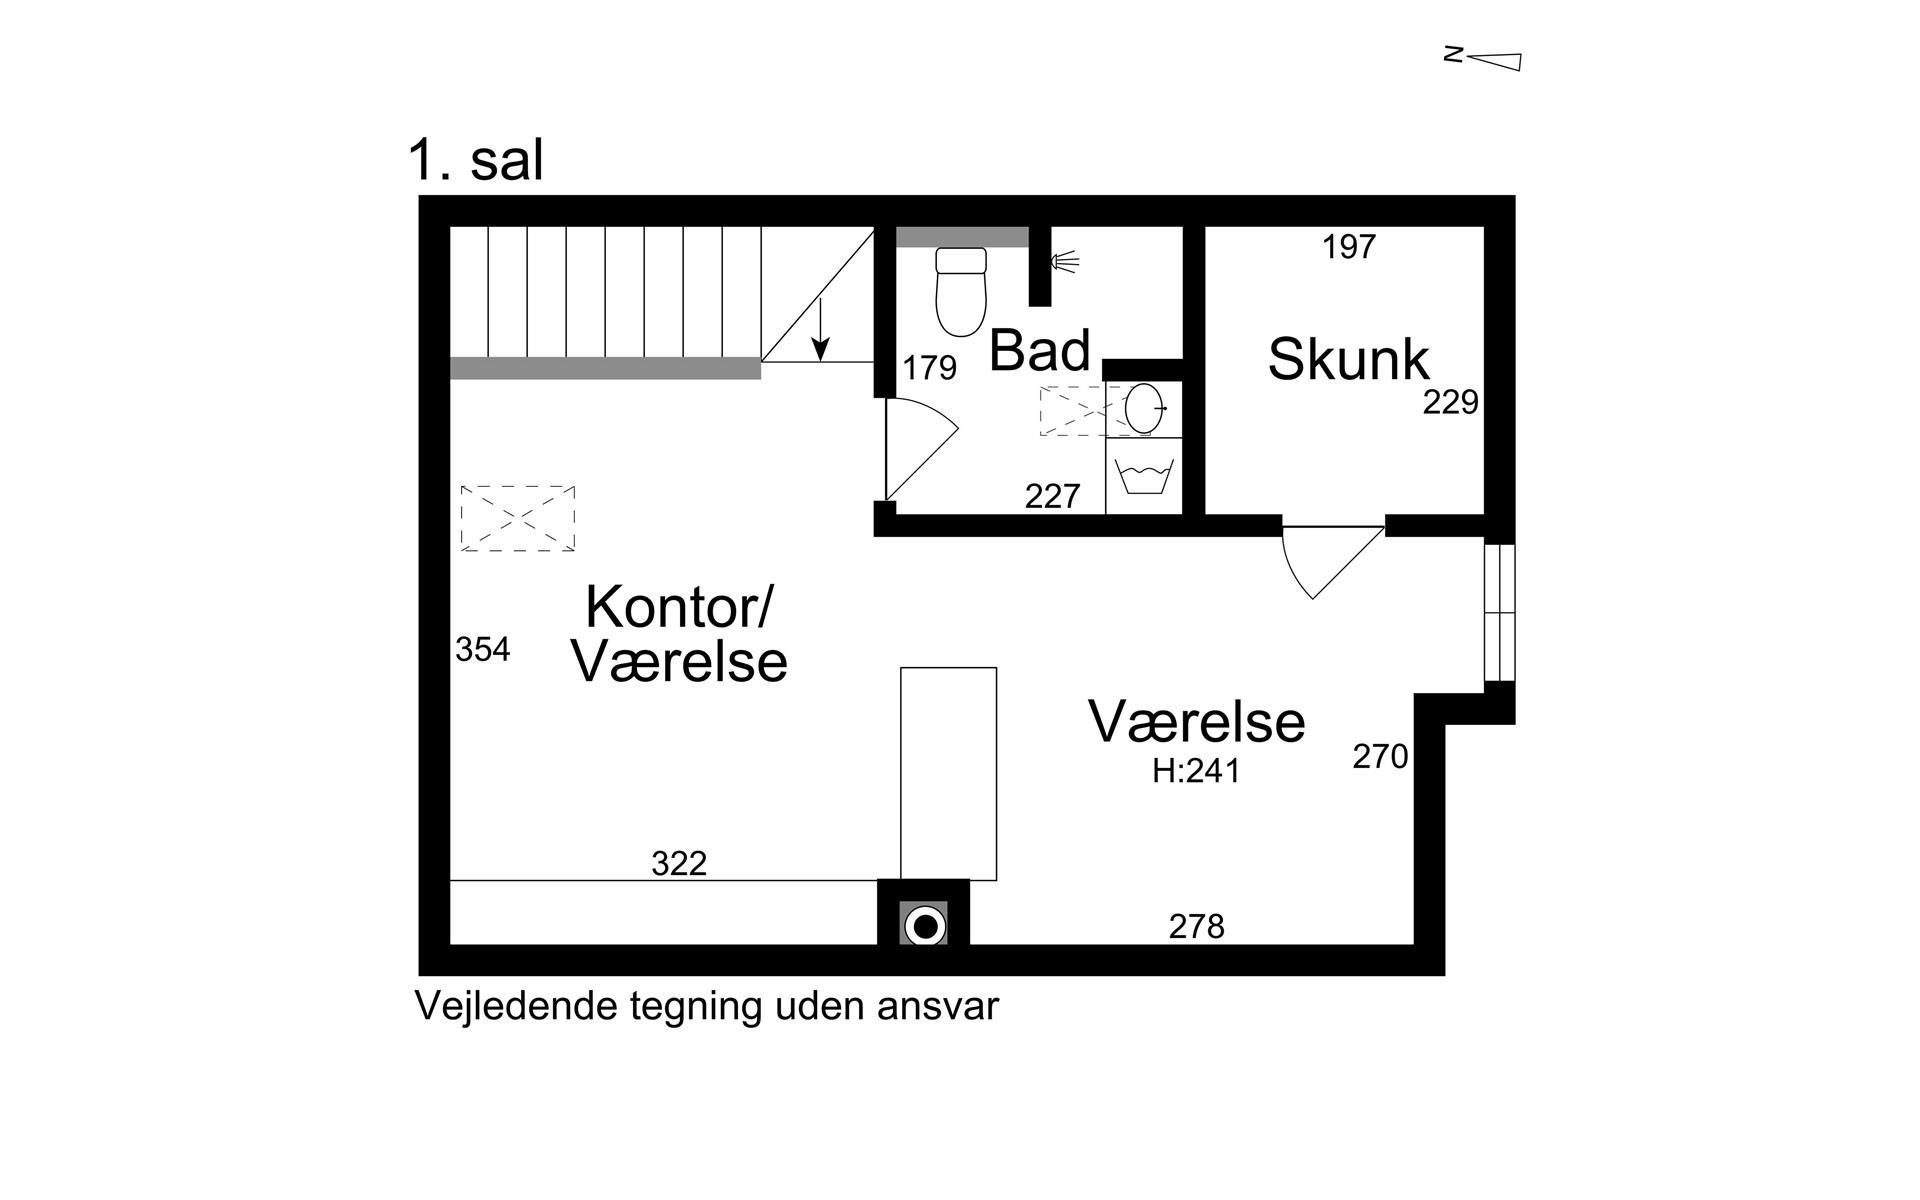 Rækkehus på Biskop Svanes Vej i Birkerød - 1. sal